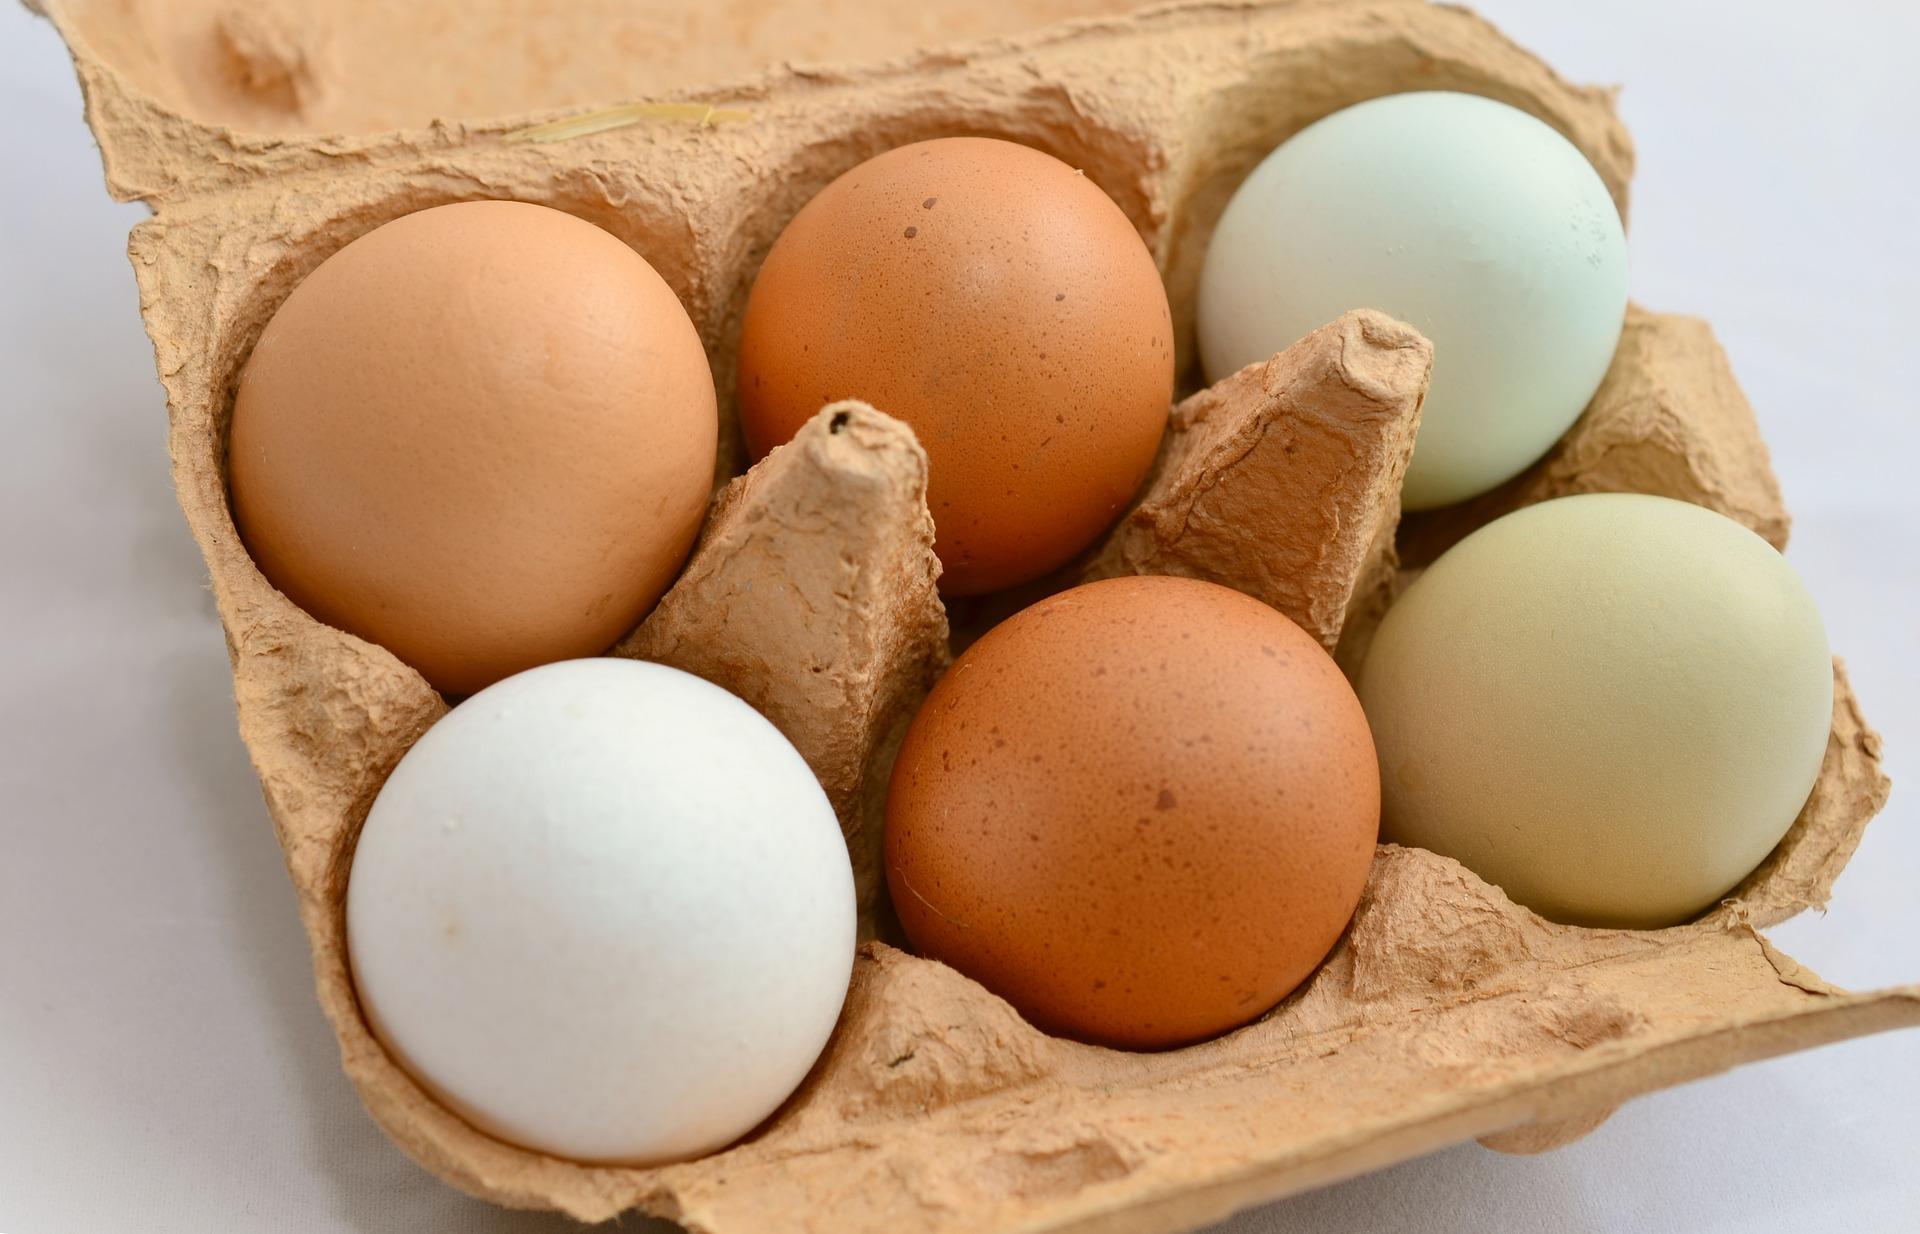 egg-653303_1920